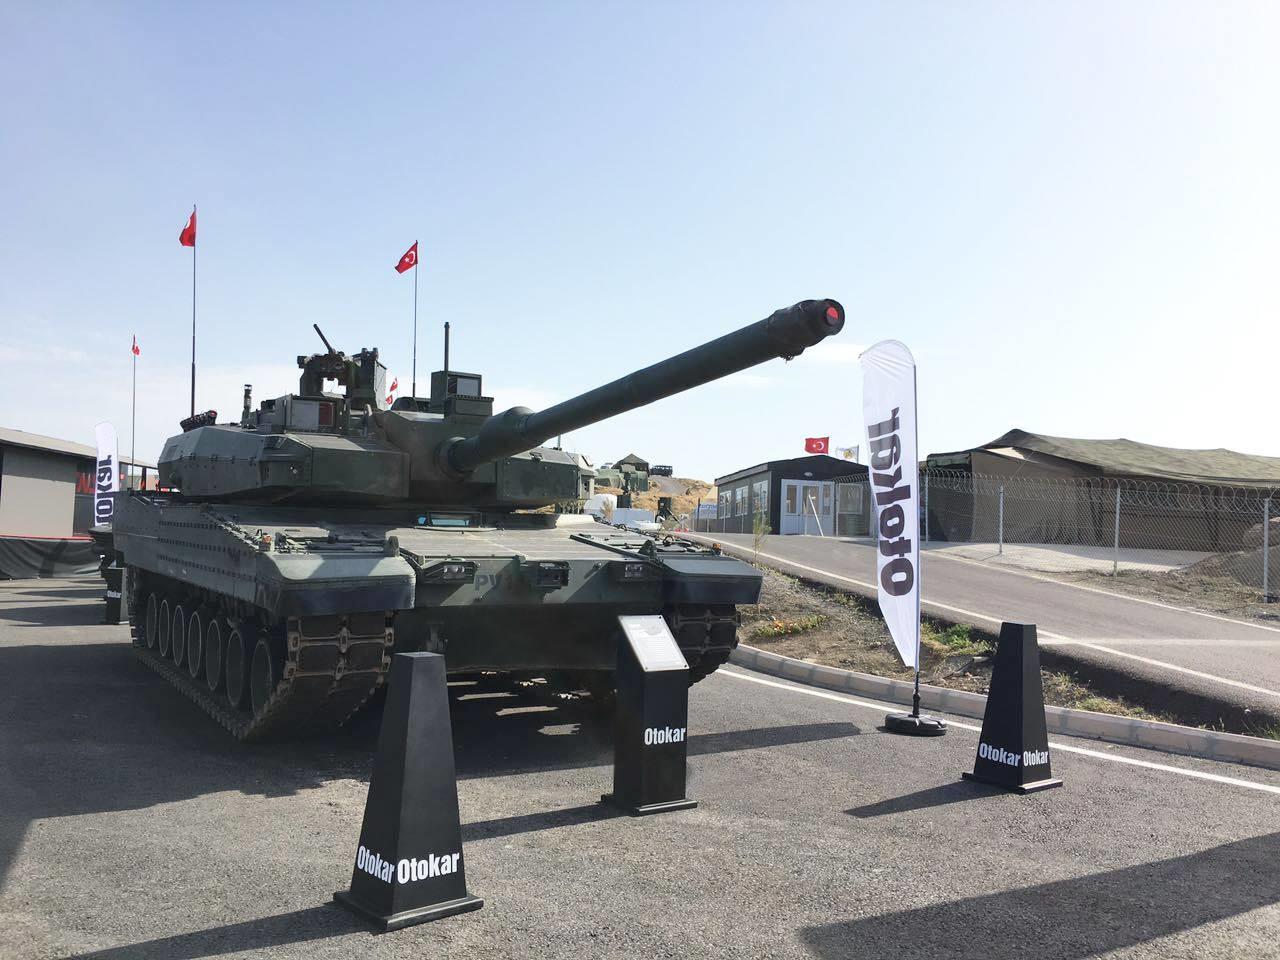 Turkish Ground Forces equipment 2Z5690